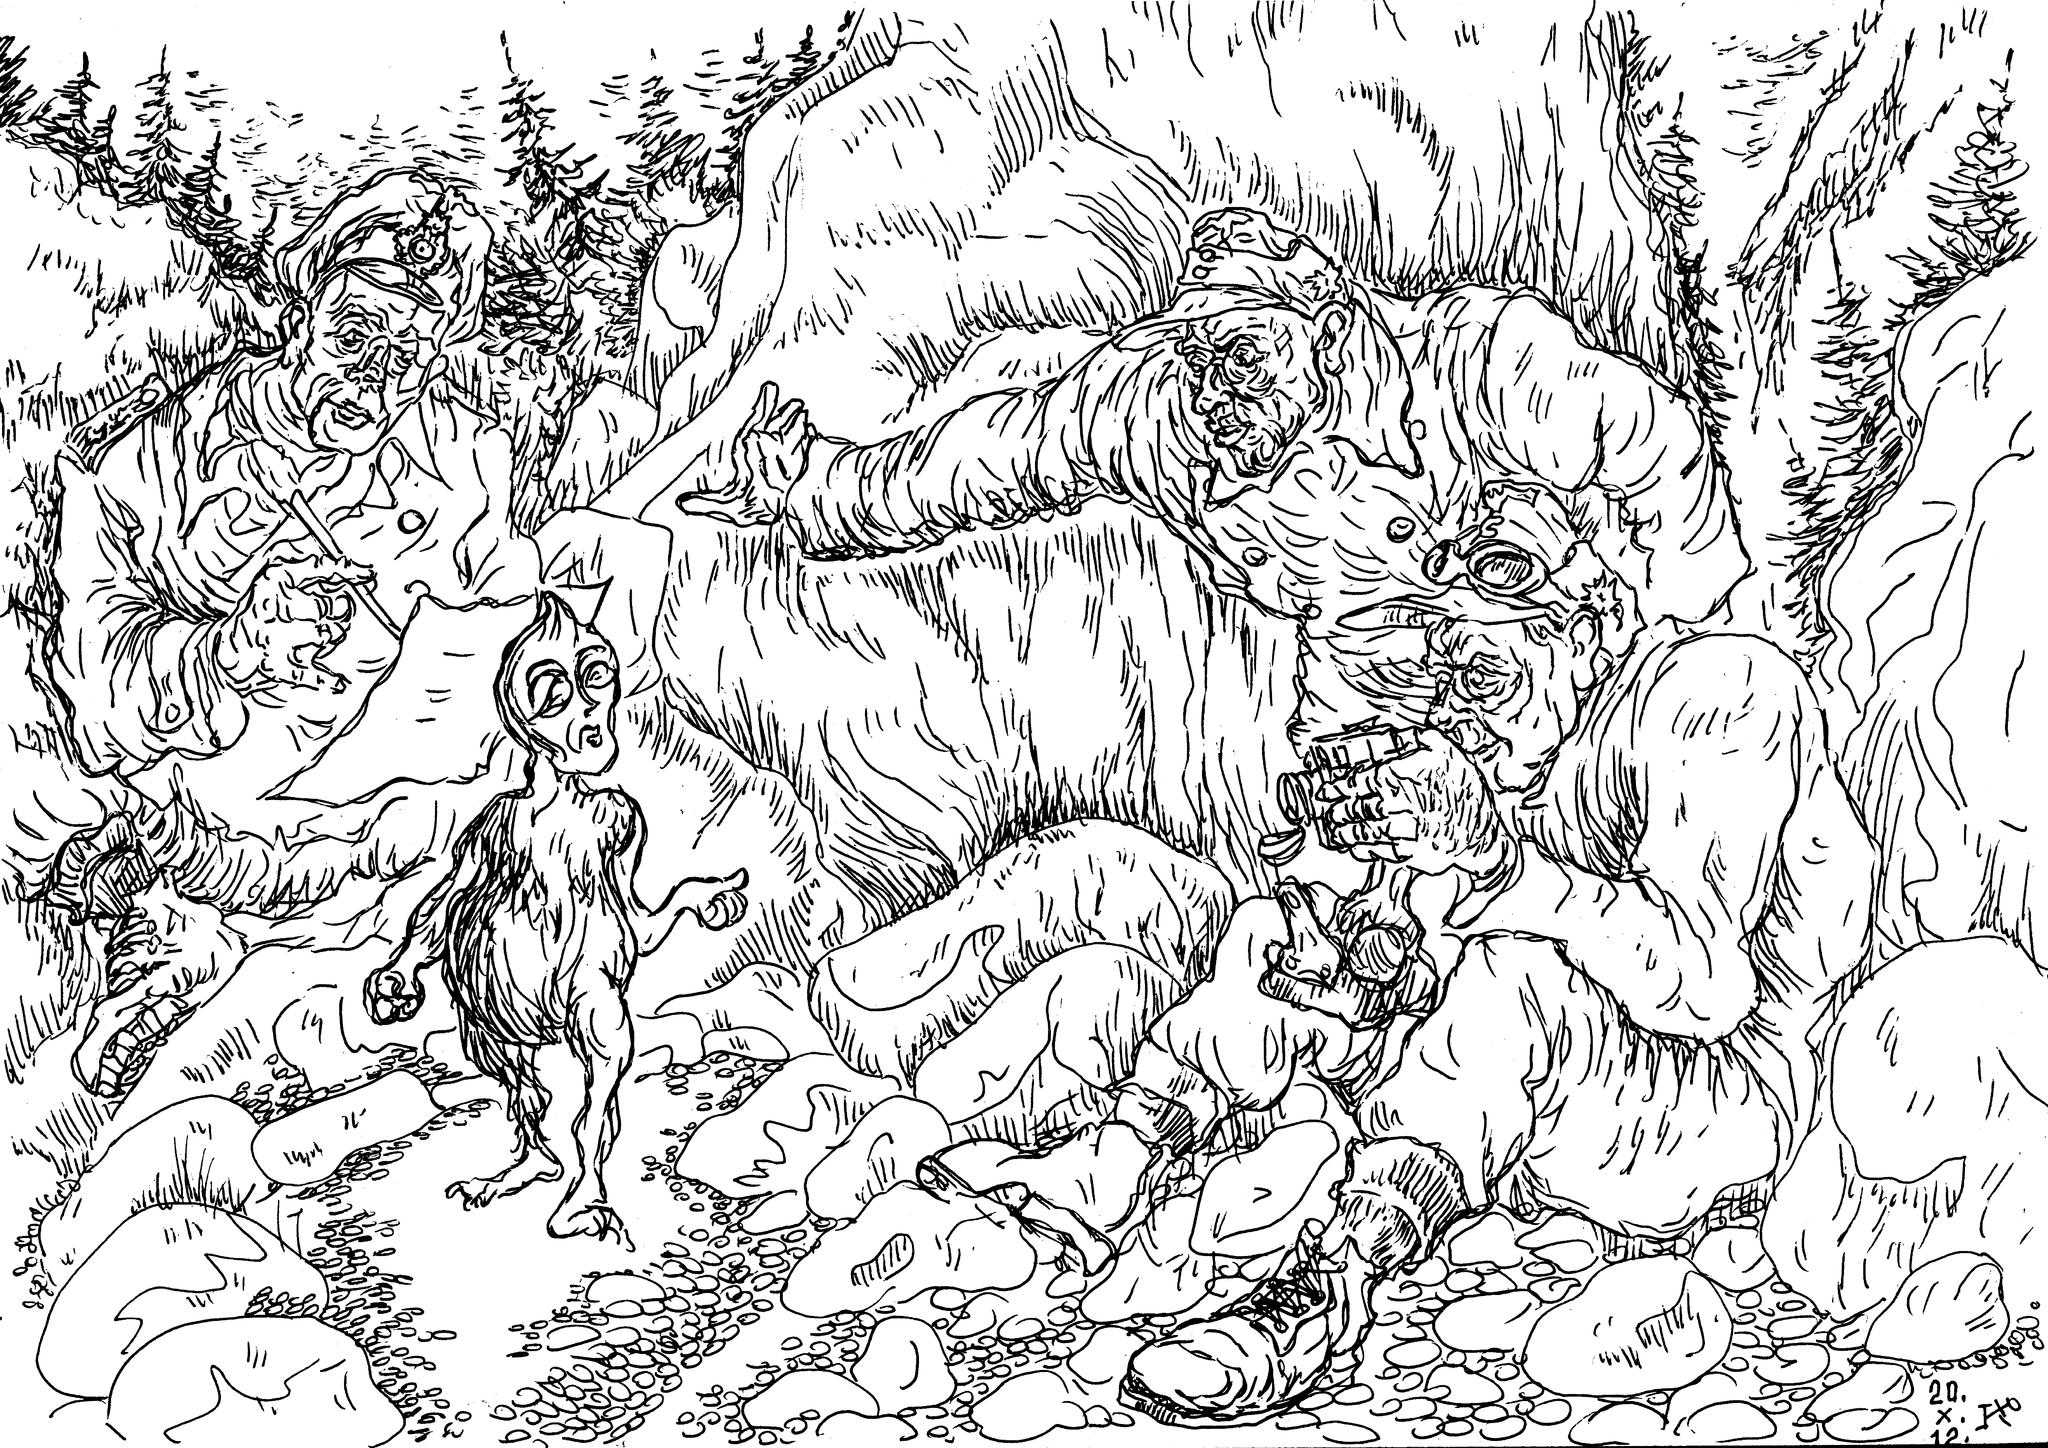 Встреча экипажа НЛО и горных стрелков Вермахта